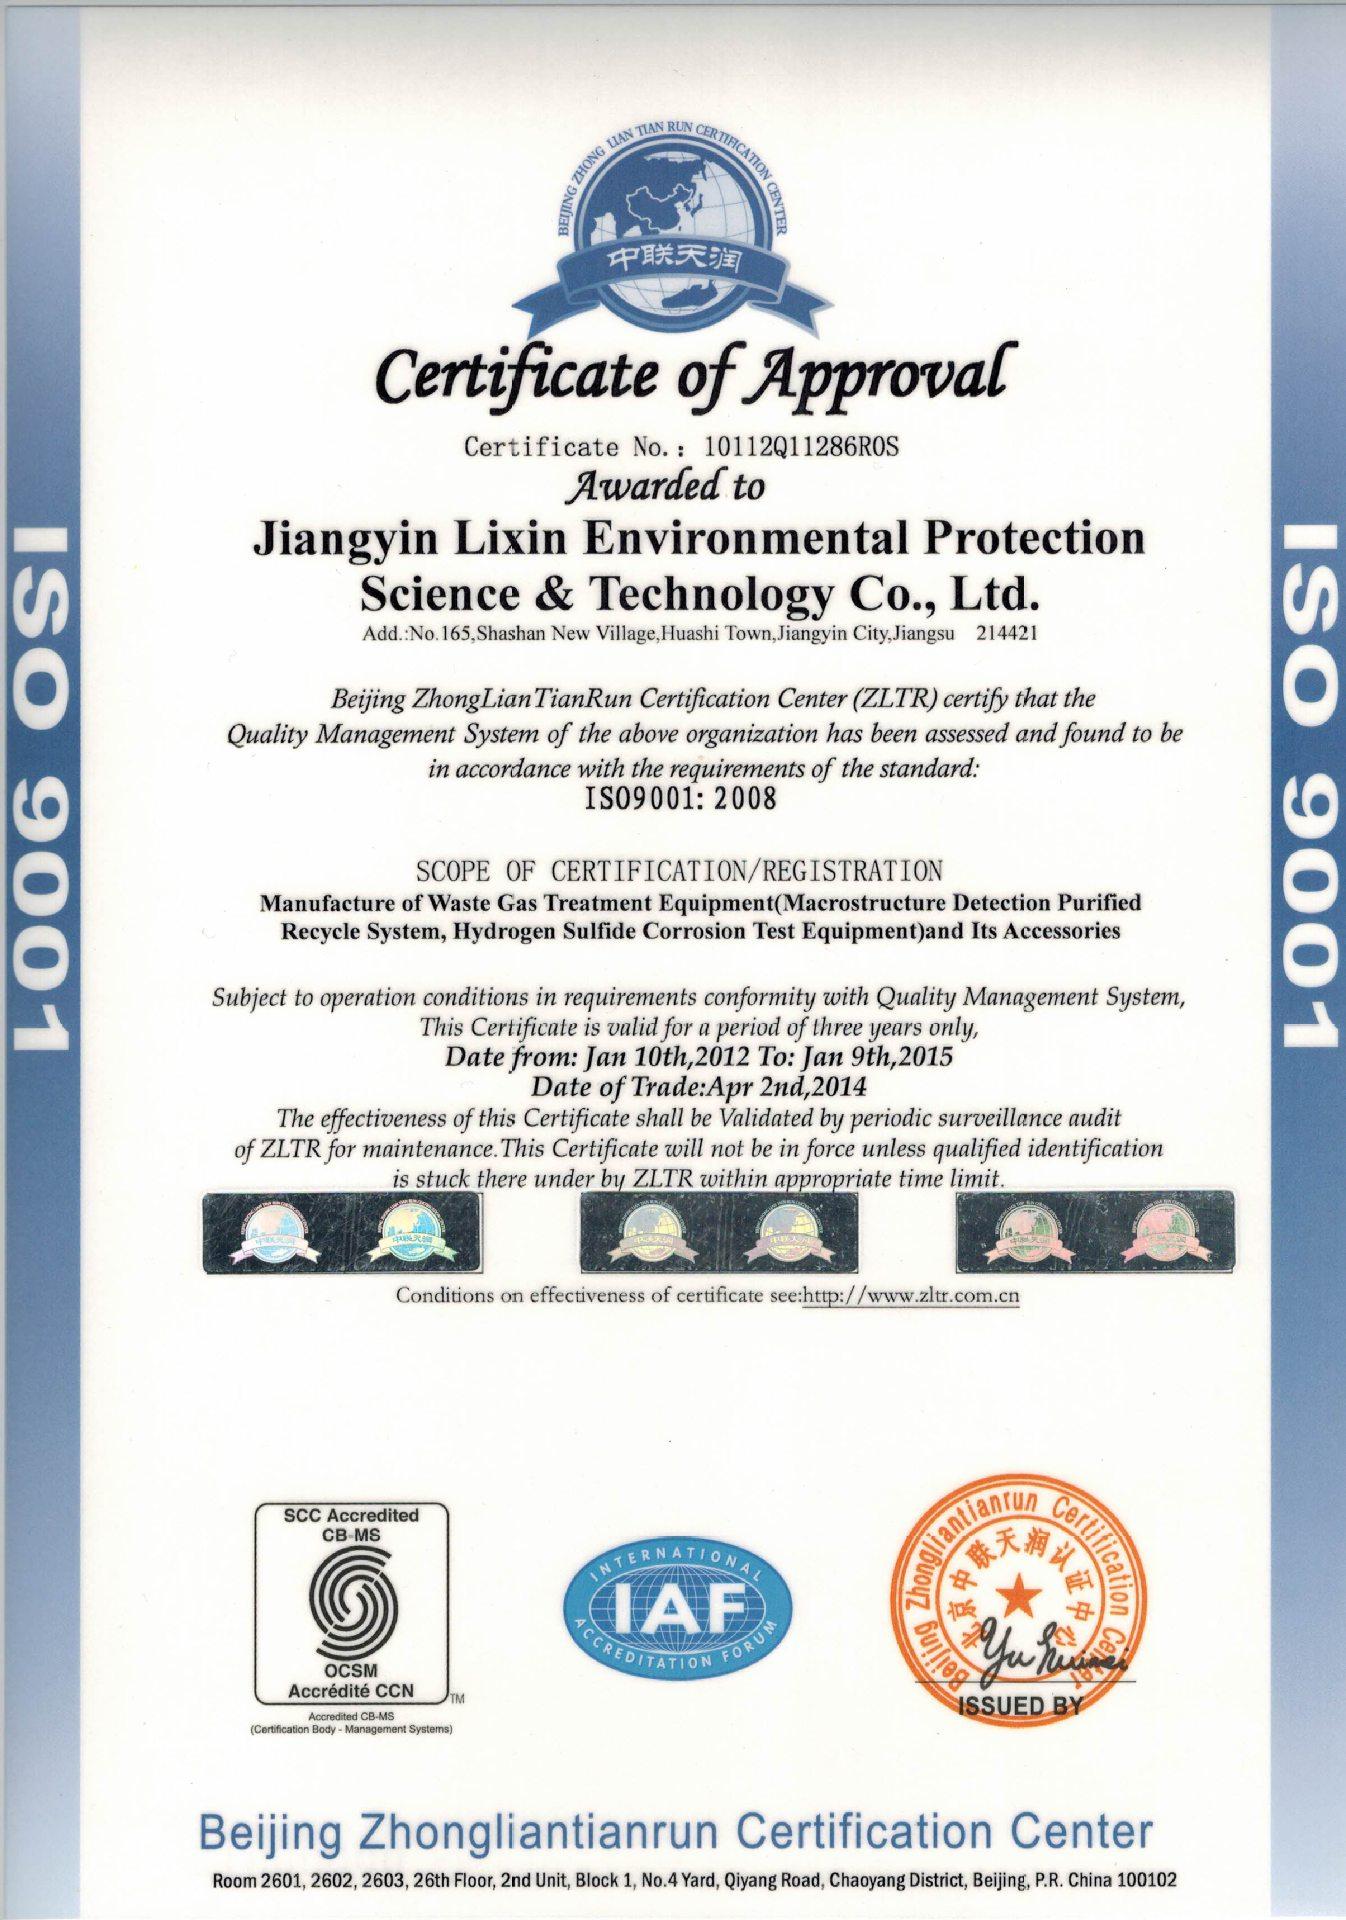 应力测试+硫化氢腐蚀+实验室设计及装备